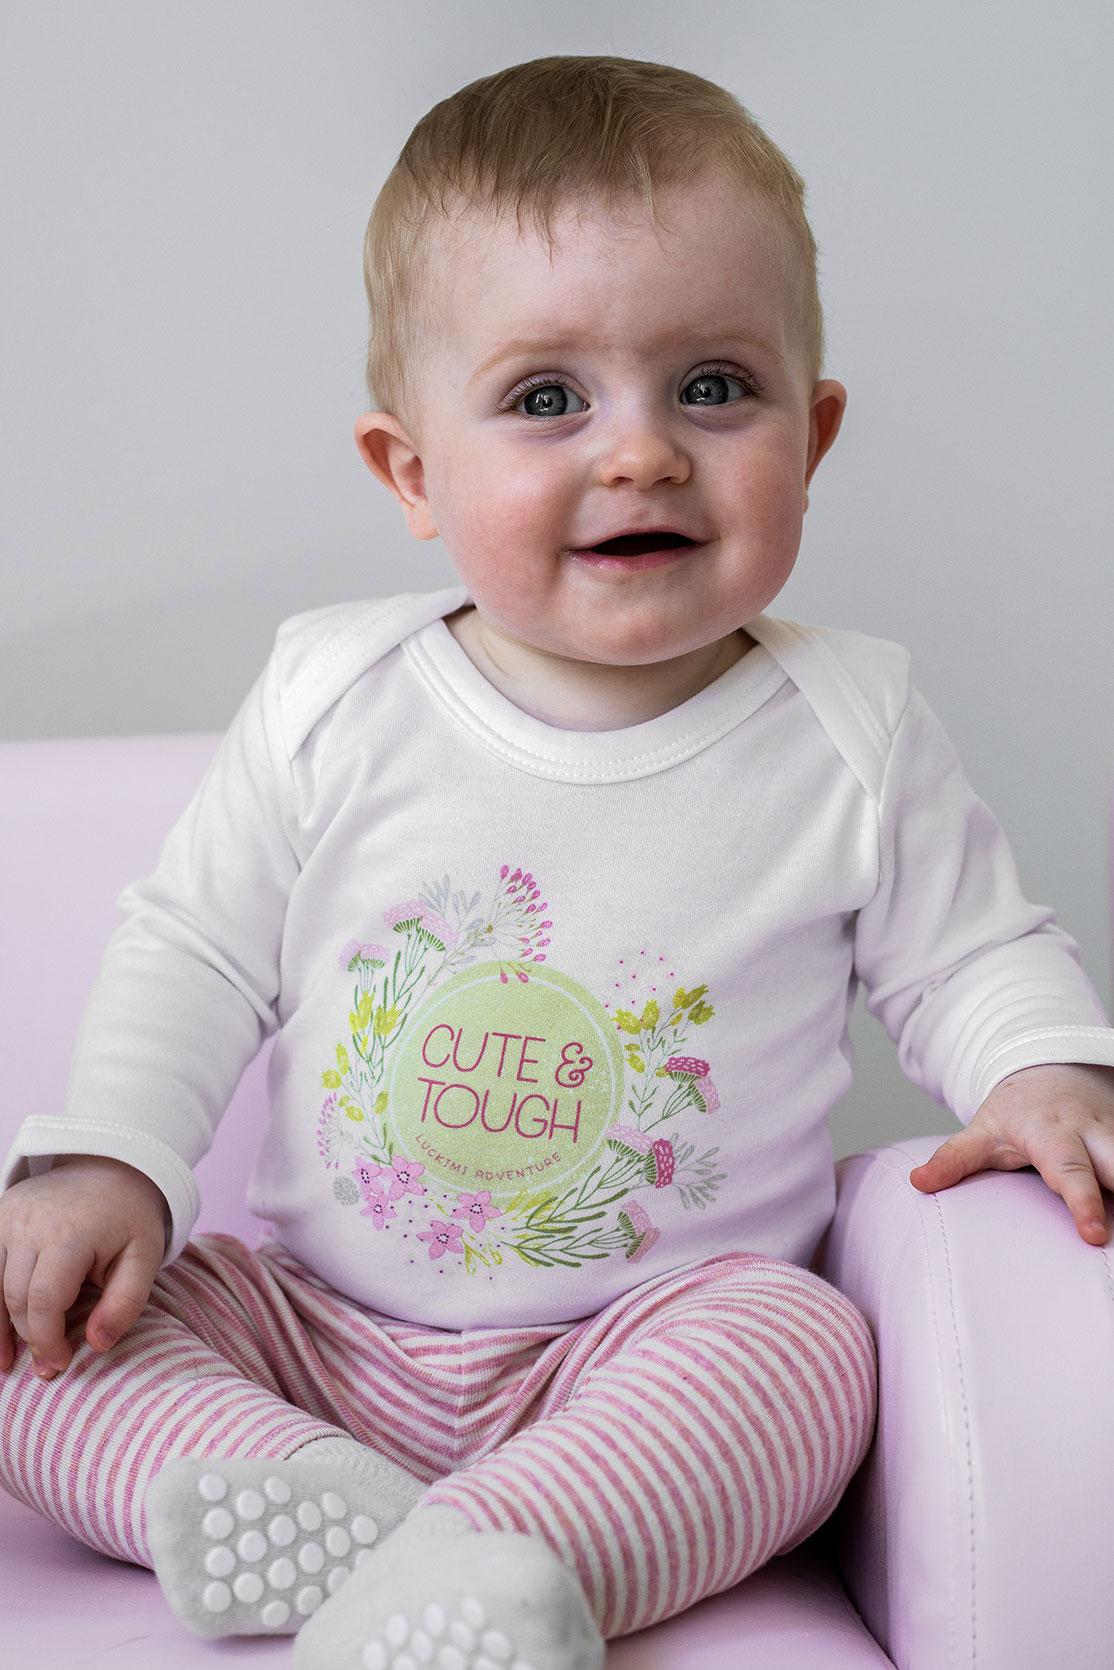 Vit babybody med gulligt tryck från Luckimi. @luckimibrand www.luckimi.com